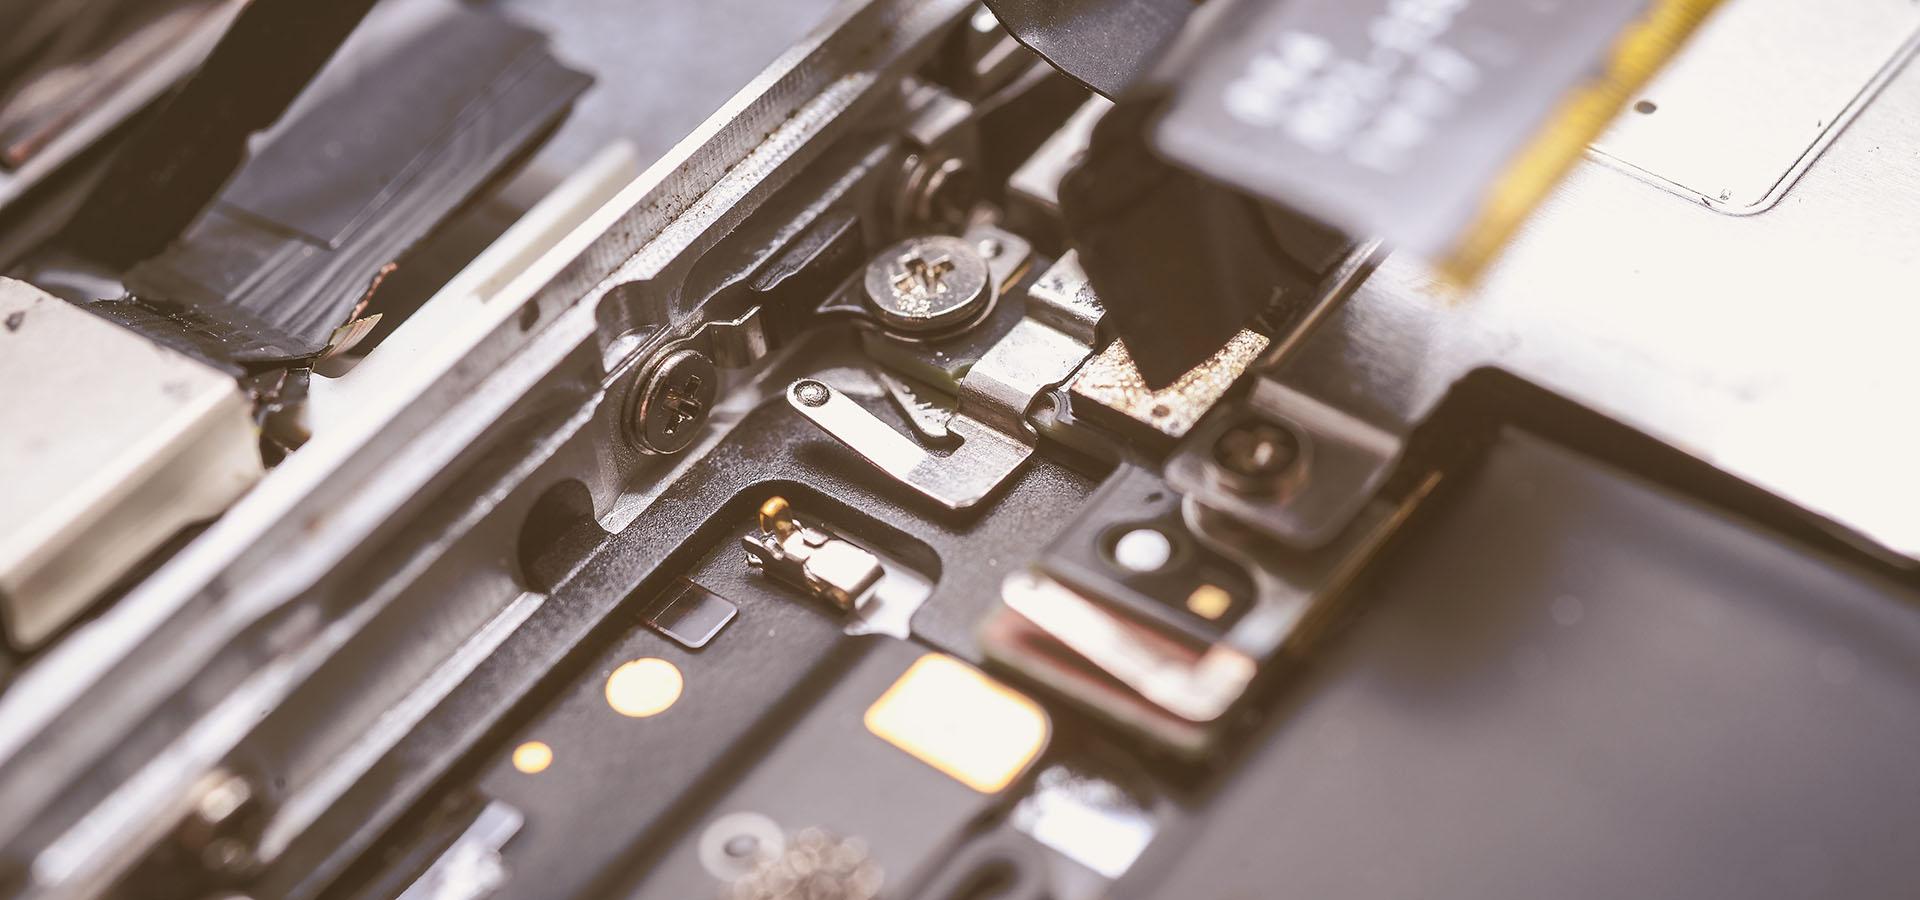 Elektronik smides ud